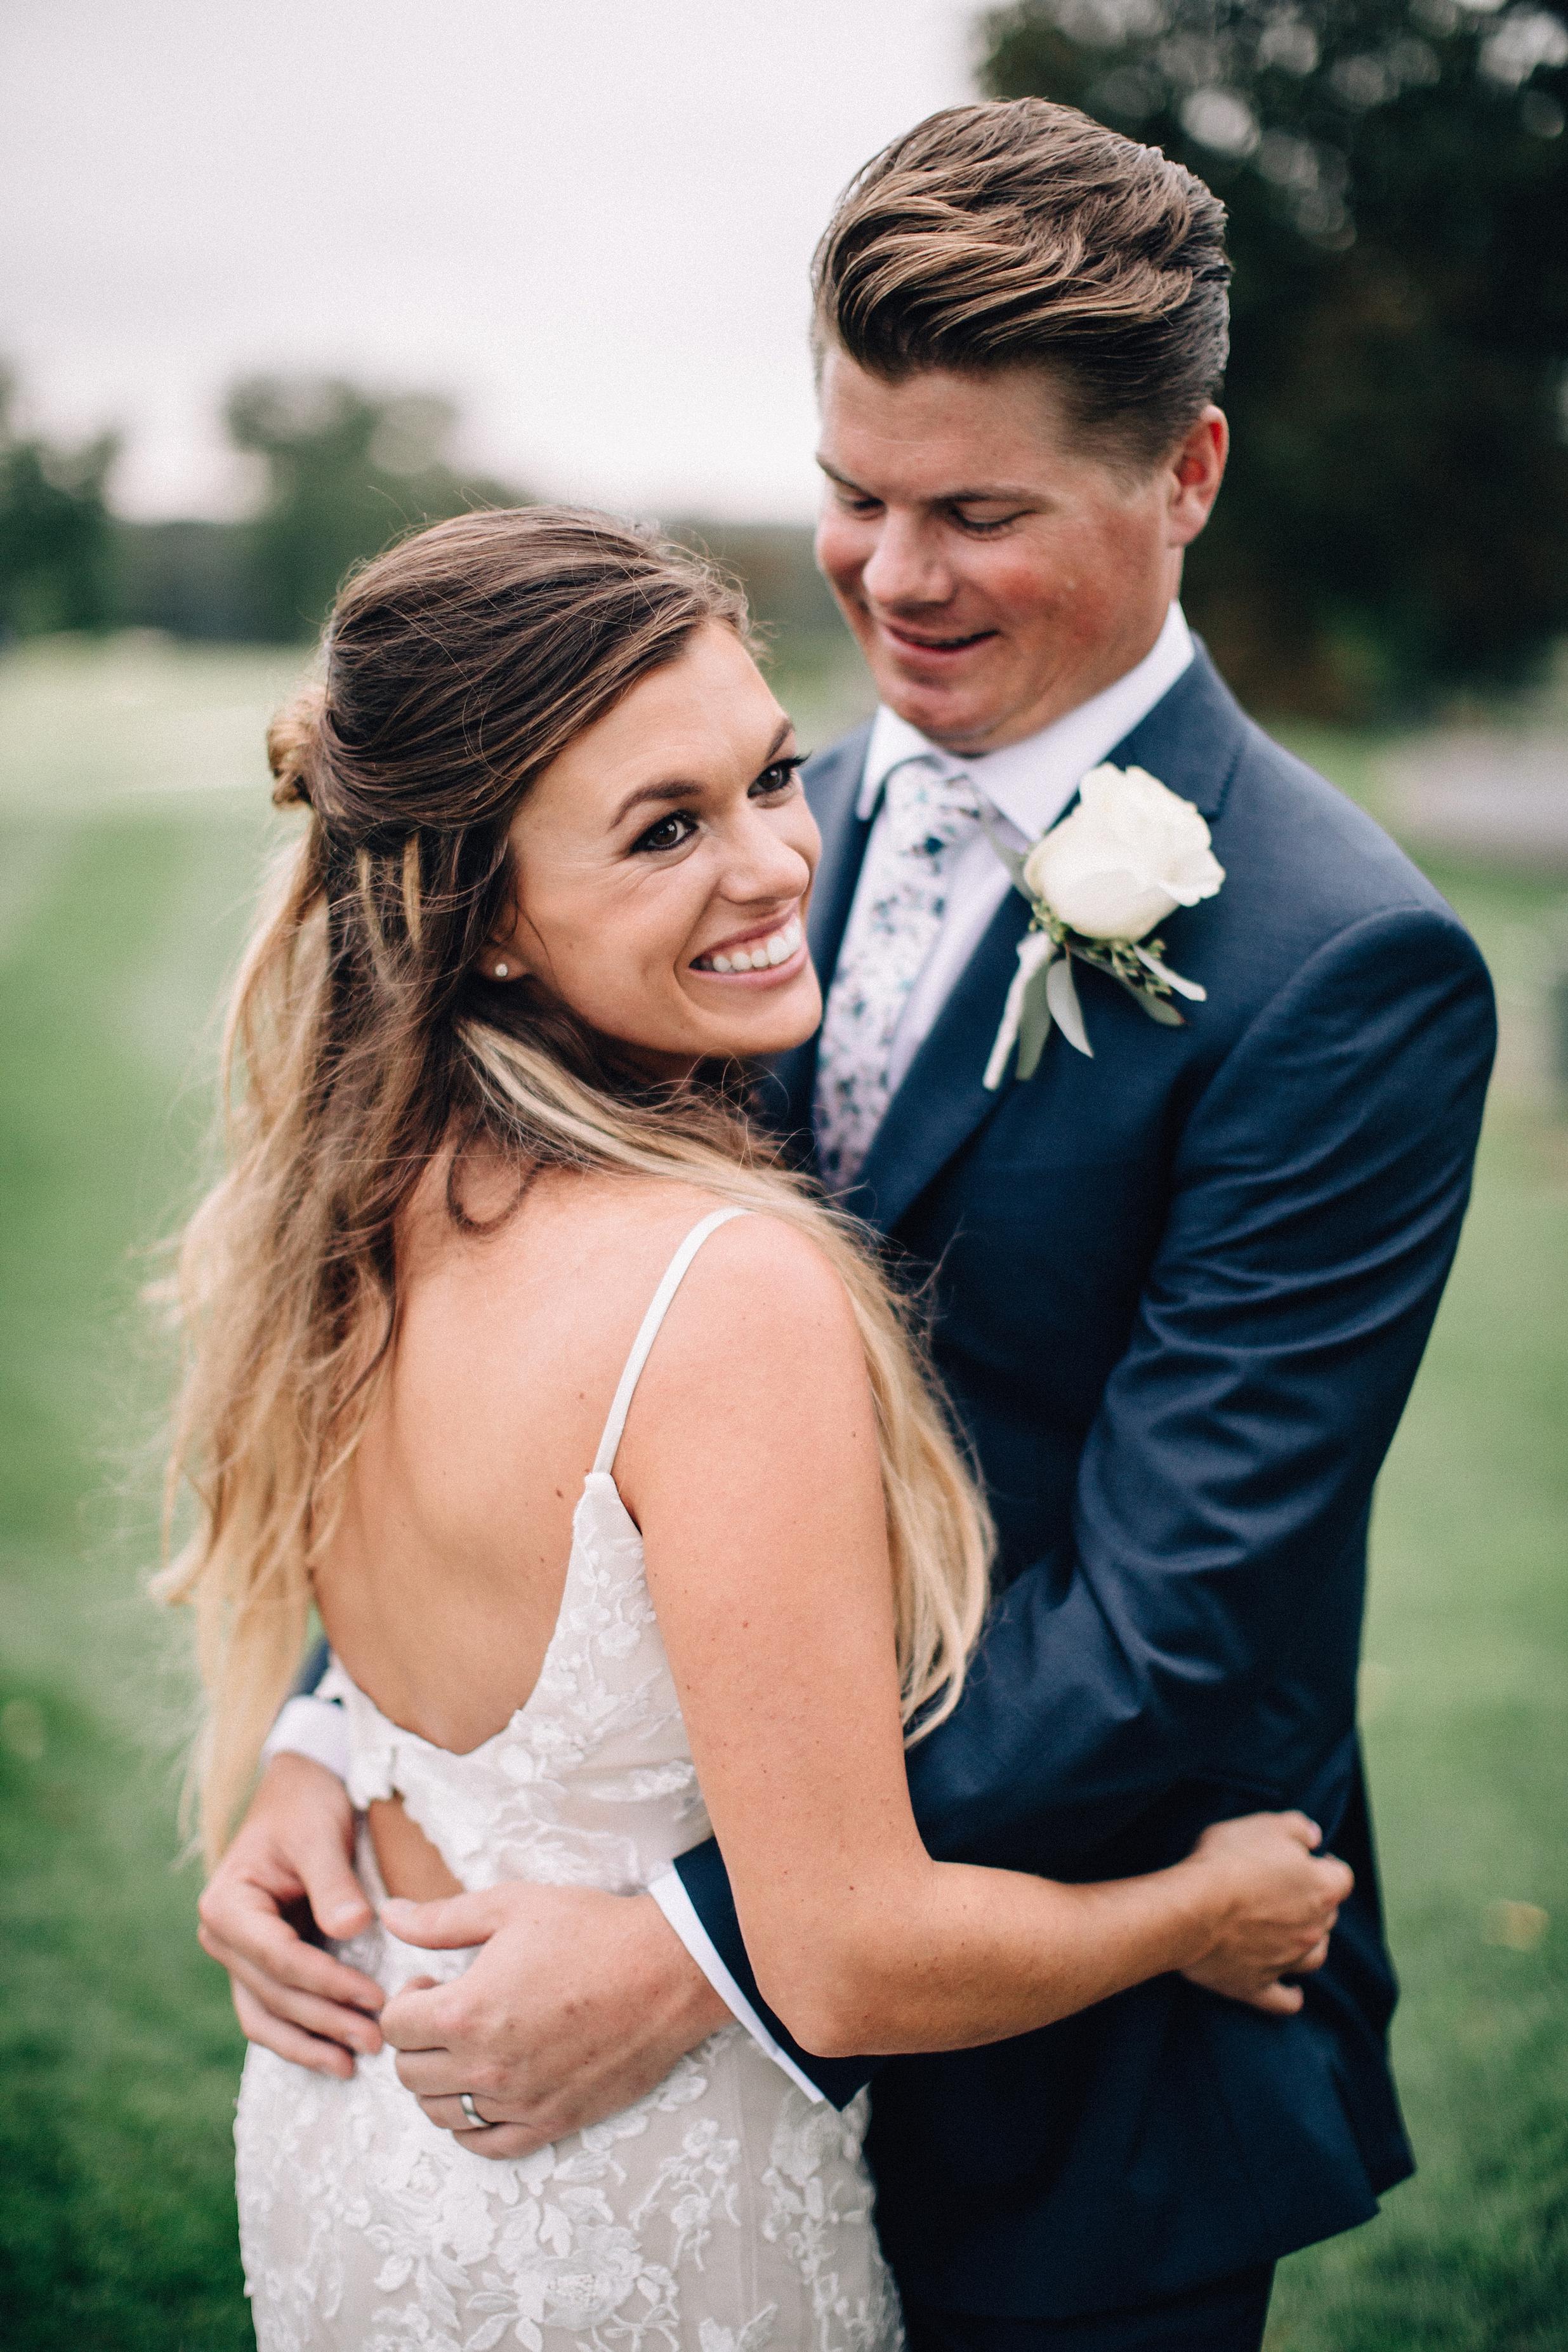 jersey-outdoor-ceremony-wedding-navasink-monmouth-rumson_0058.jpg